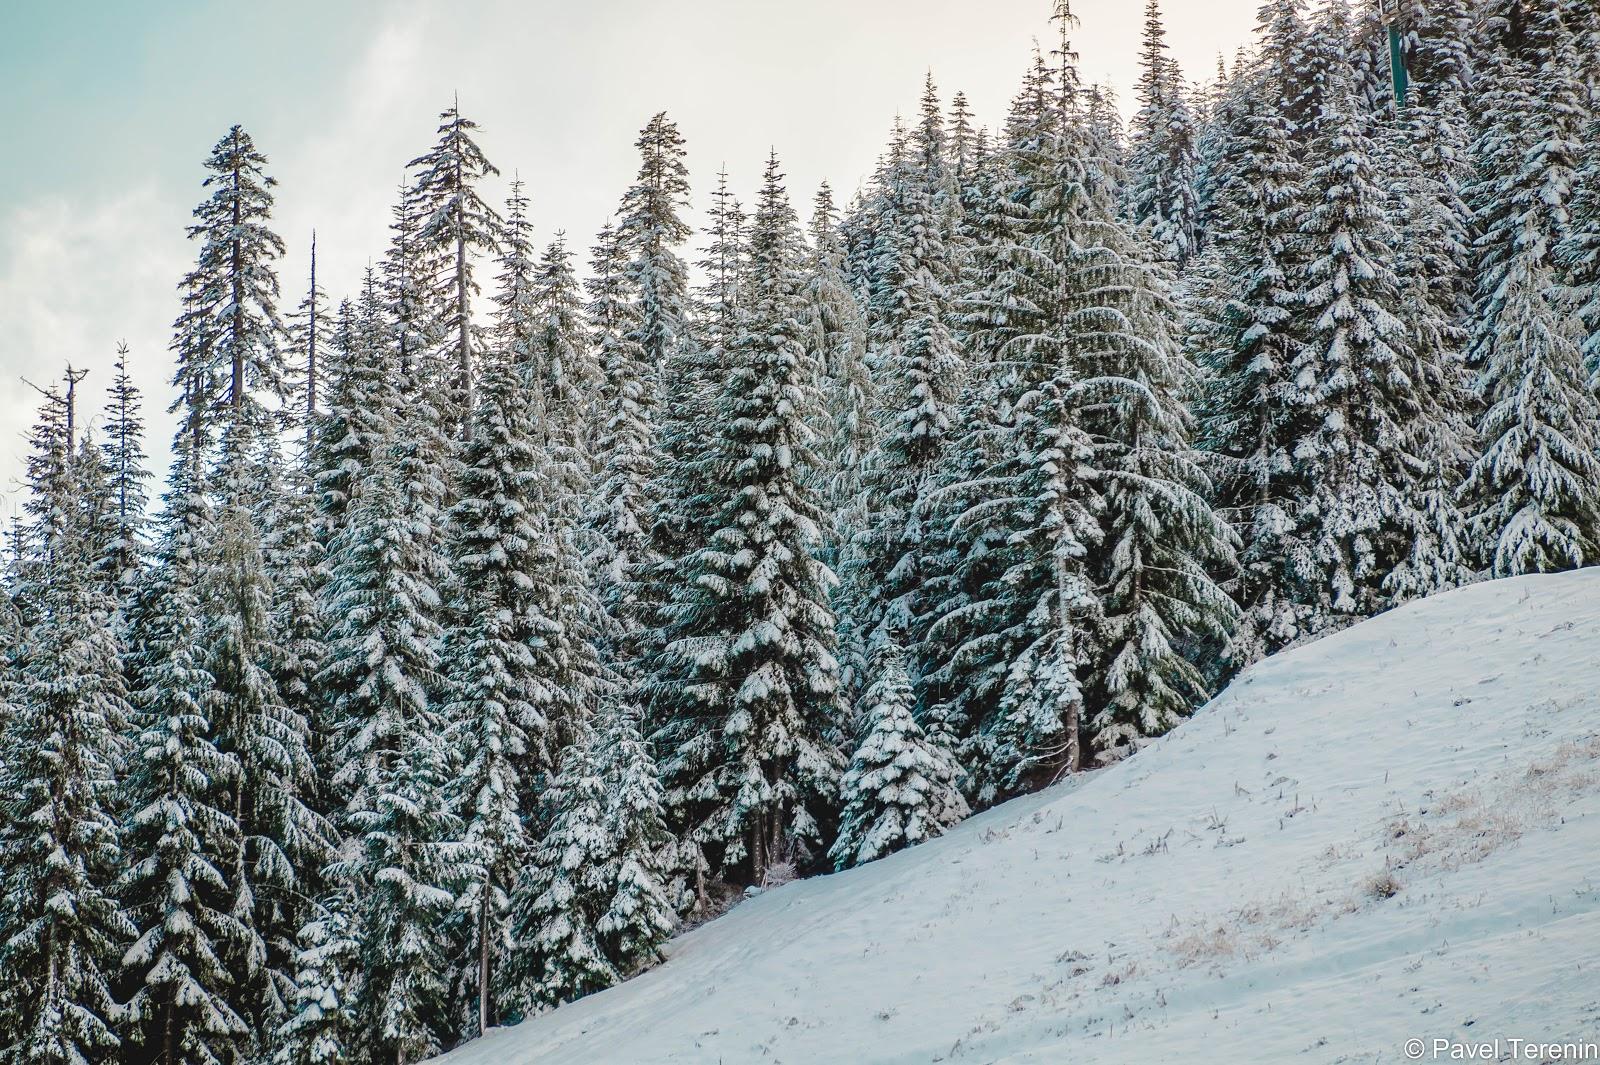 Расстояние от осени до зимы преодолевается за 10 минут по дороге-ленте до парковки горнолыжного комплекса.